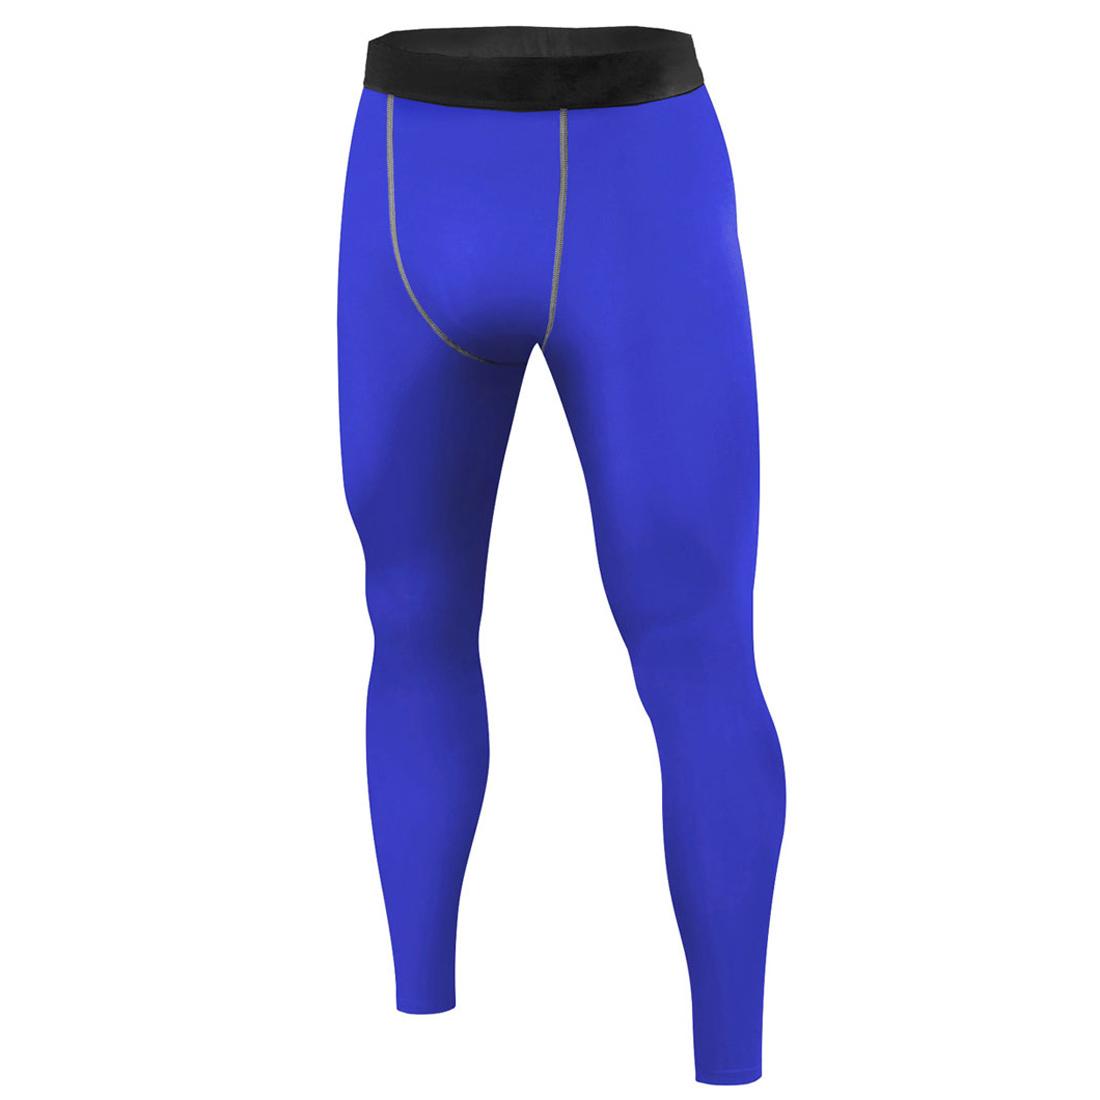 Mens Football Basketball Under Compression Shorts Pants Base Layers Tights | eBay